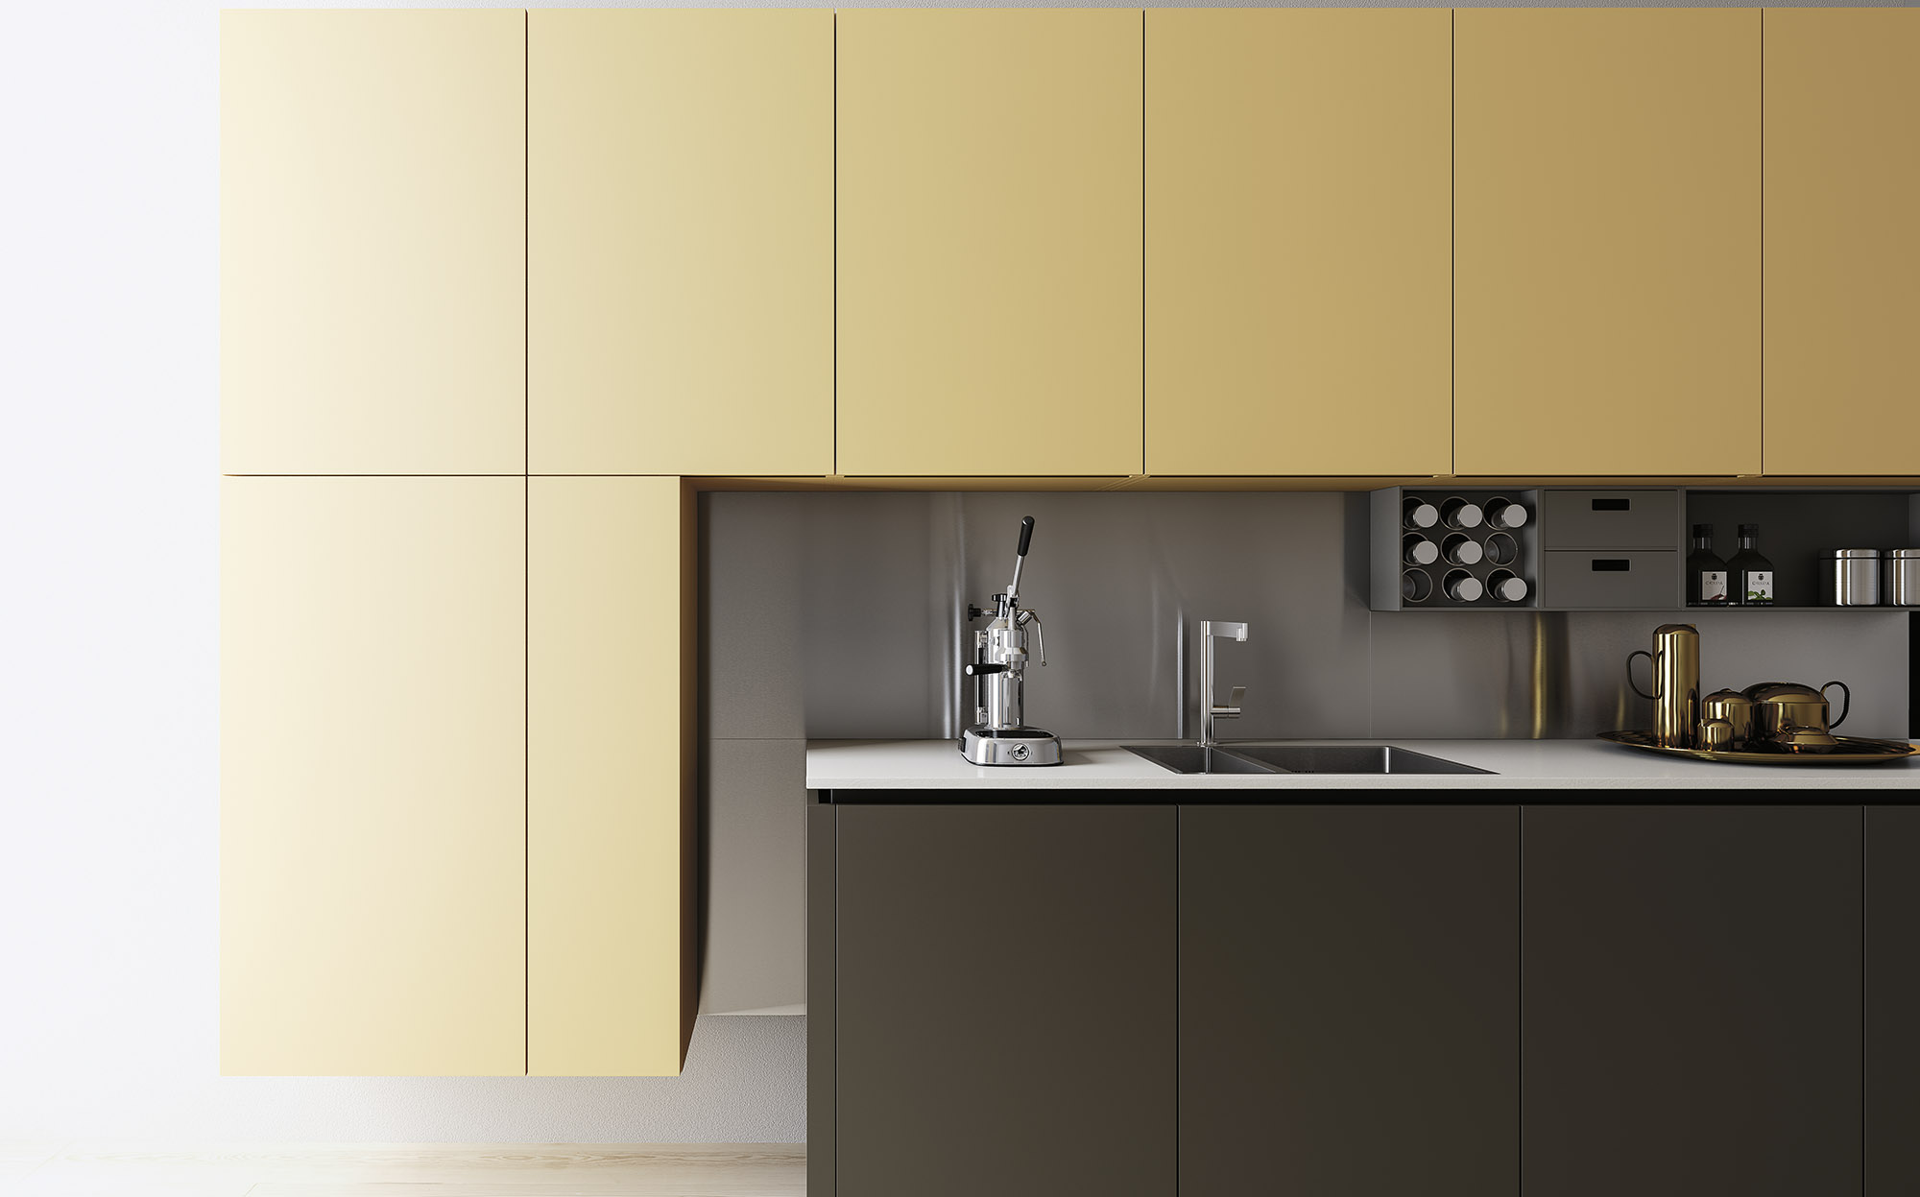 Cucine e cucine torino amazing cucina lineare moderna in - Aran cucine torino ...